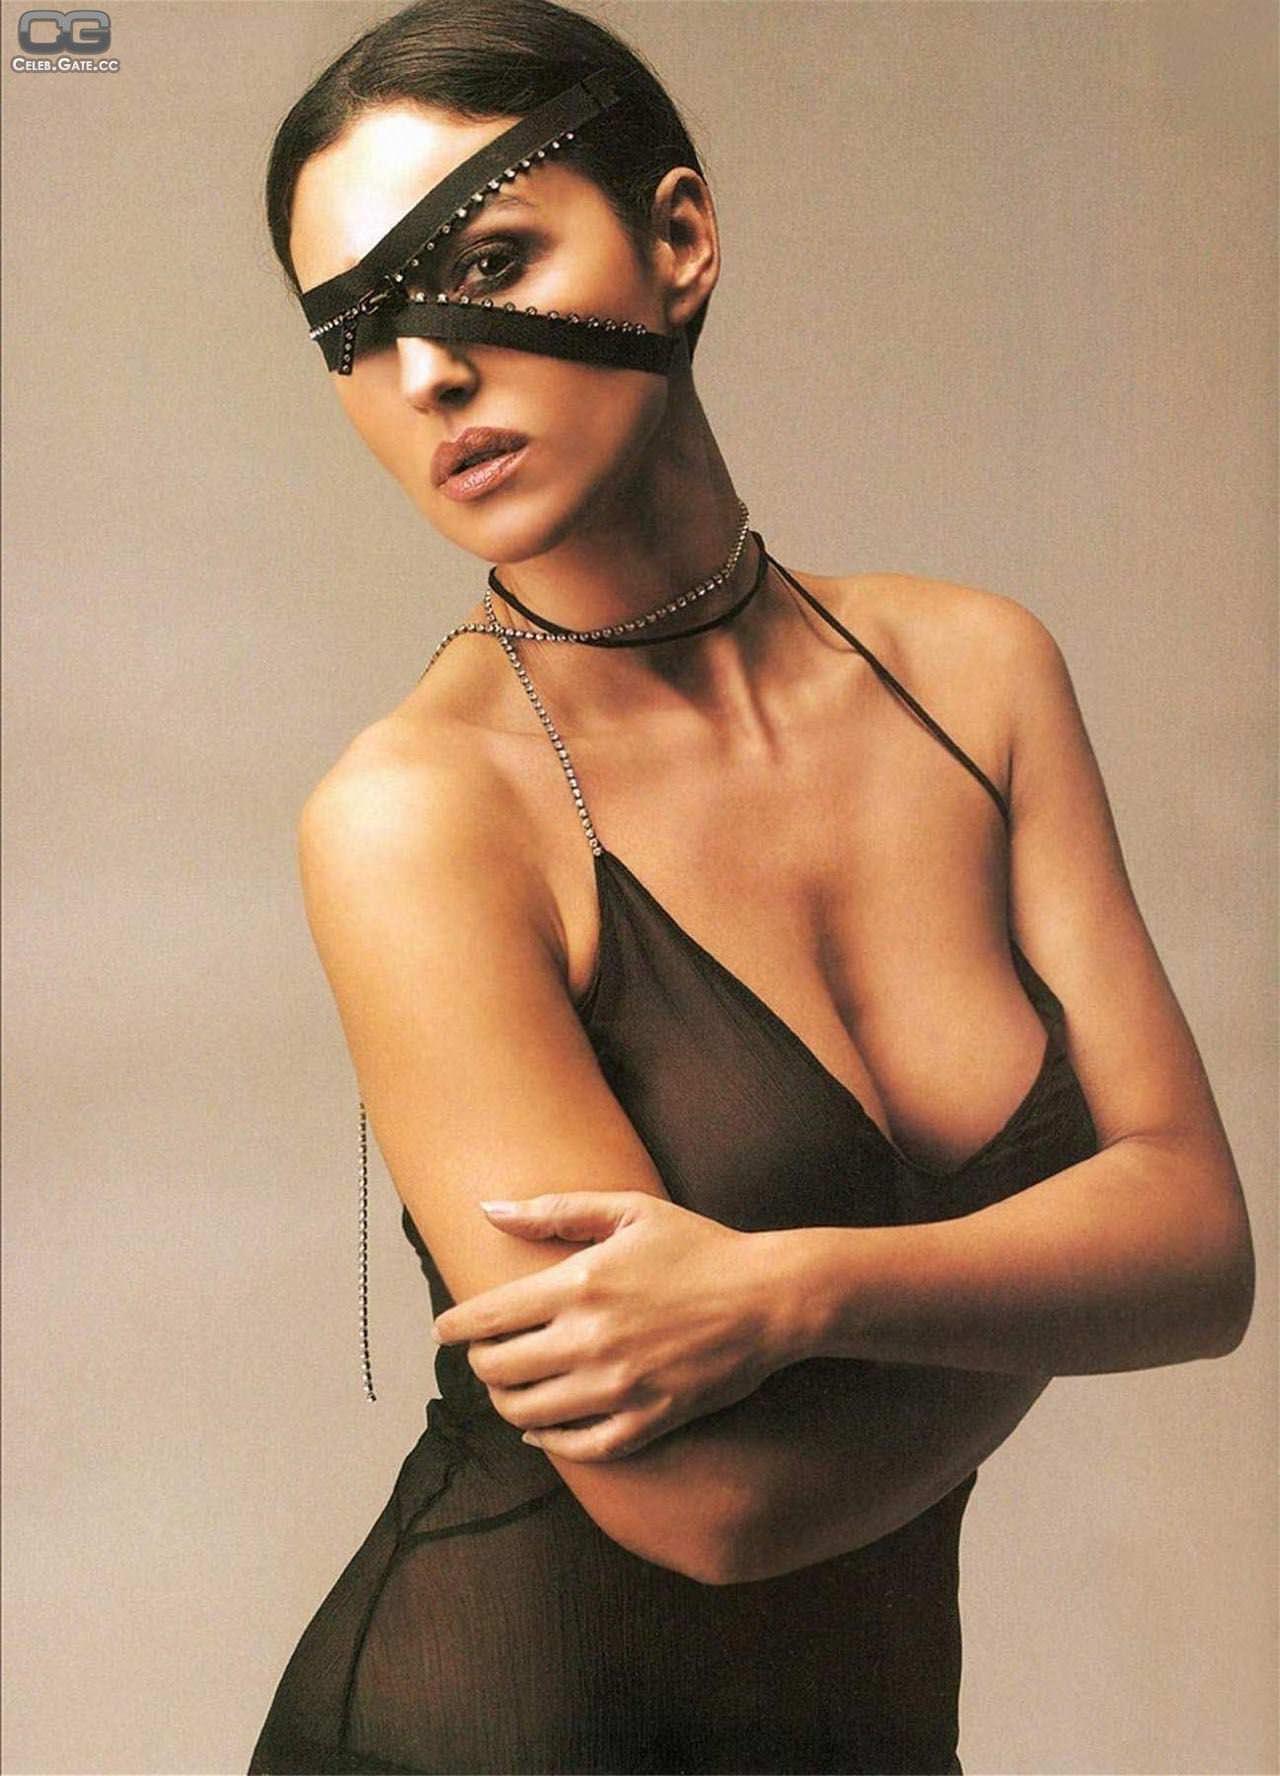 【外人】イタリア人女優モニカ・ベルッチ(Monica Bellucci)の大胆おっぱい露出ポルノ画像 1290